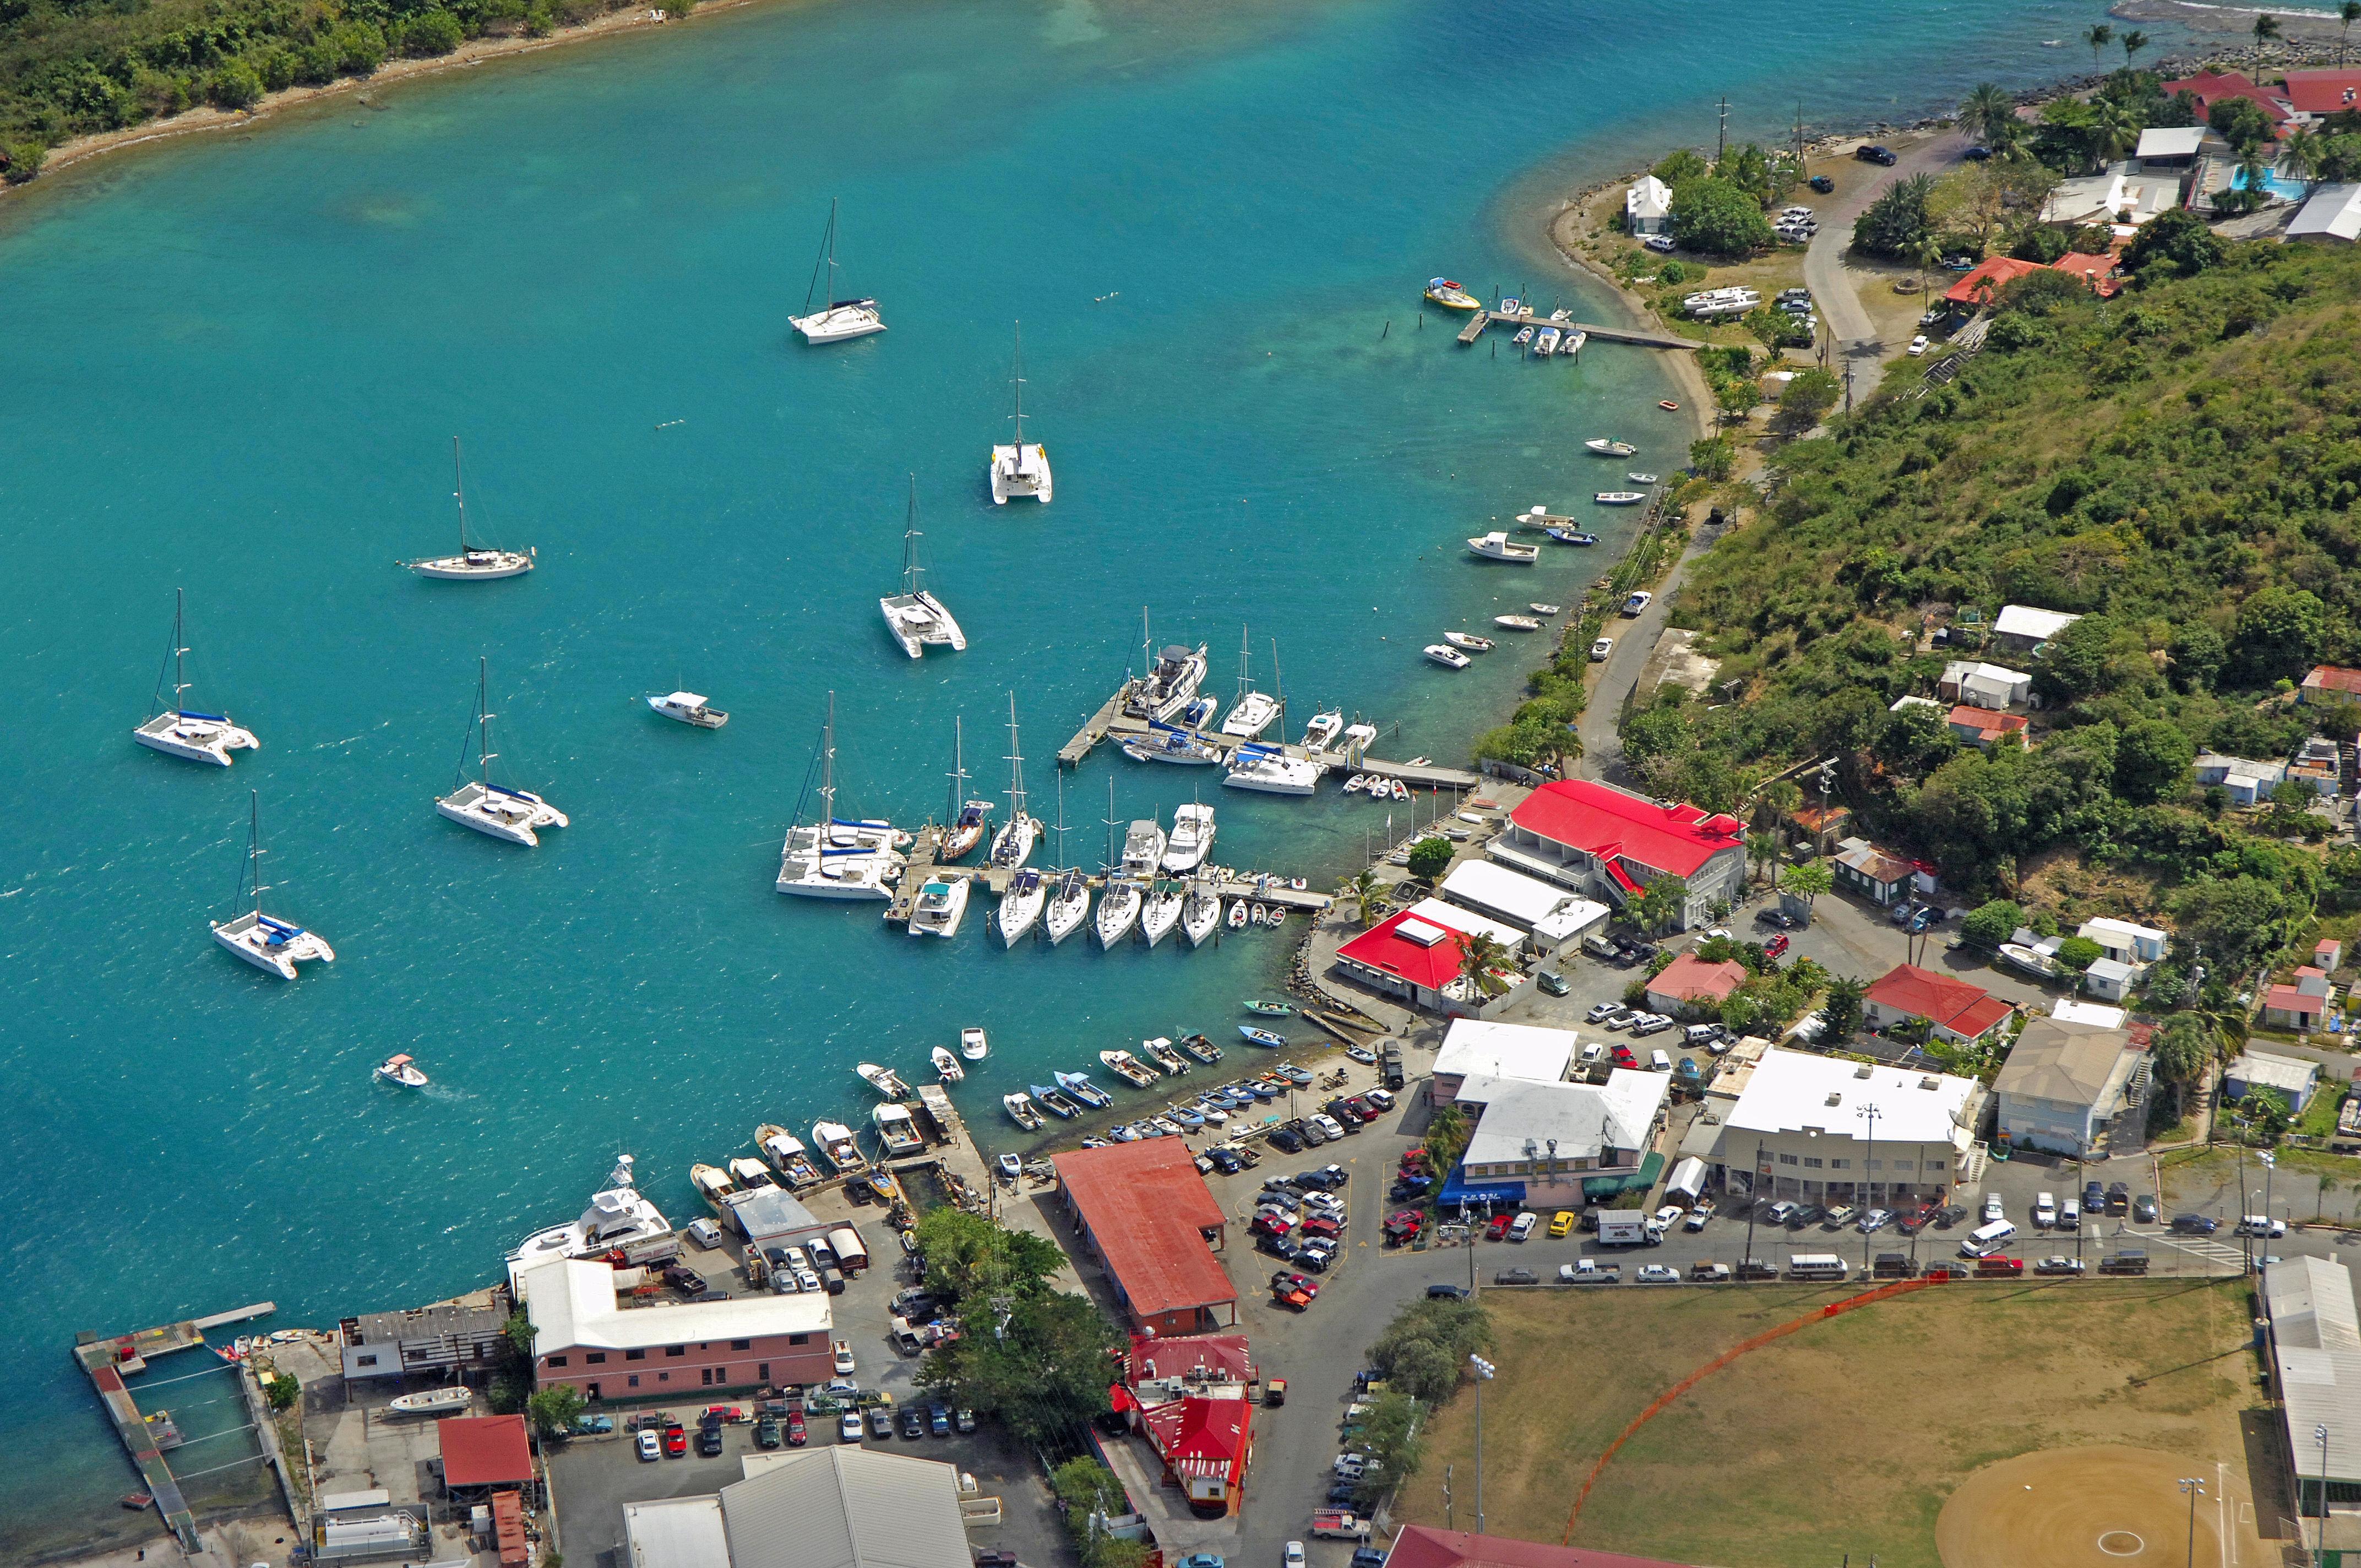 Hookup In The Us Virgin Islands